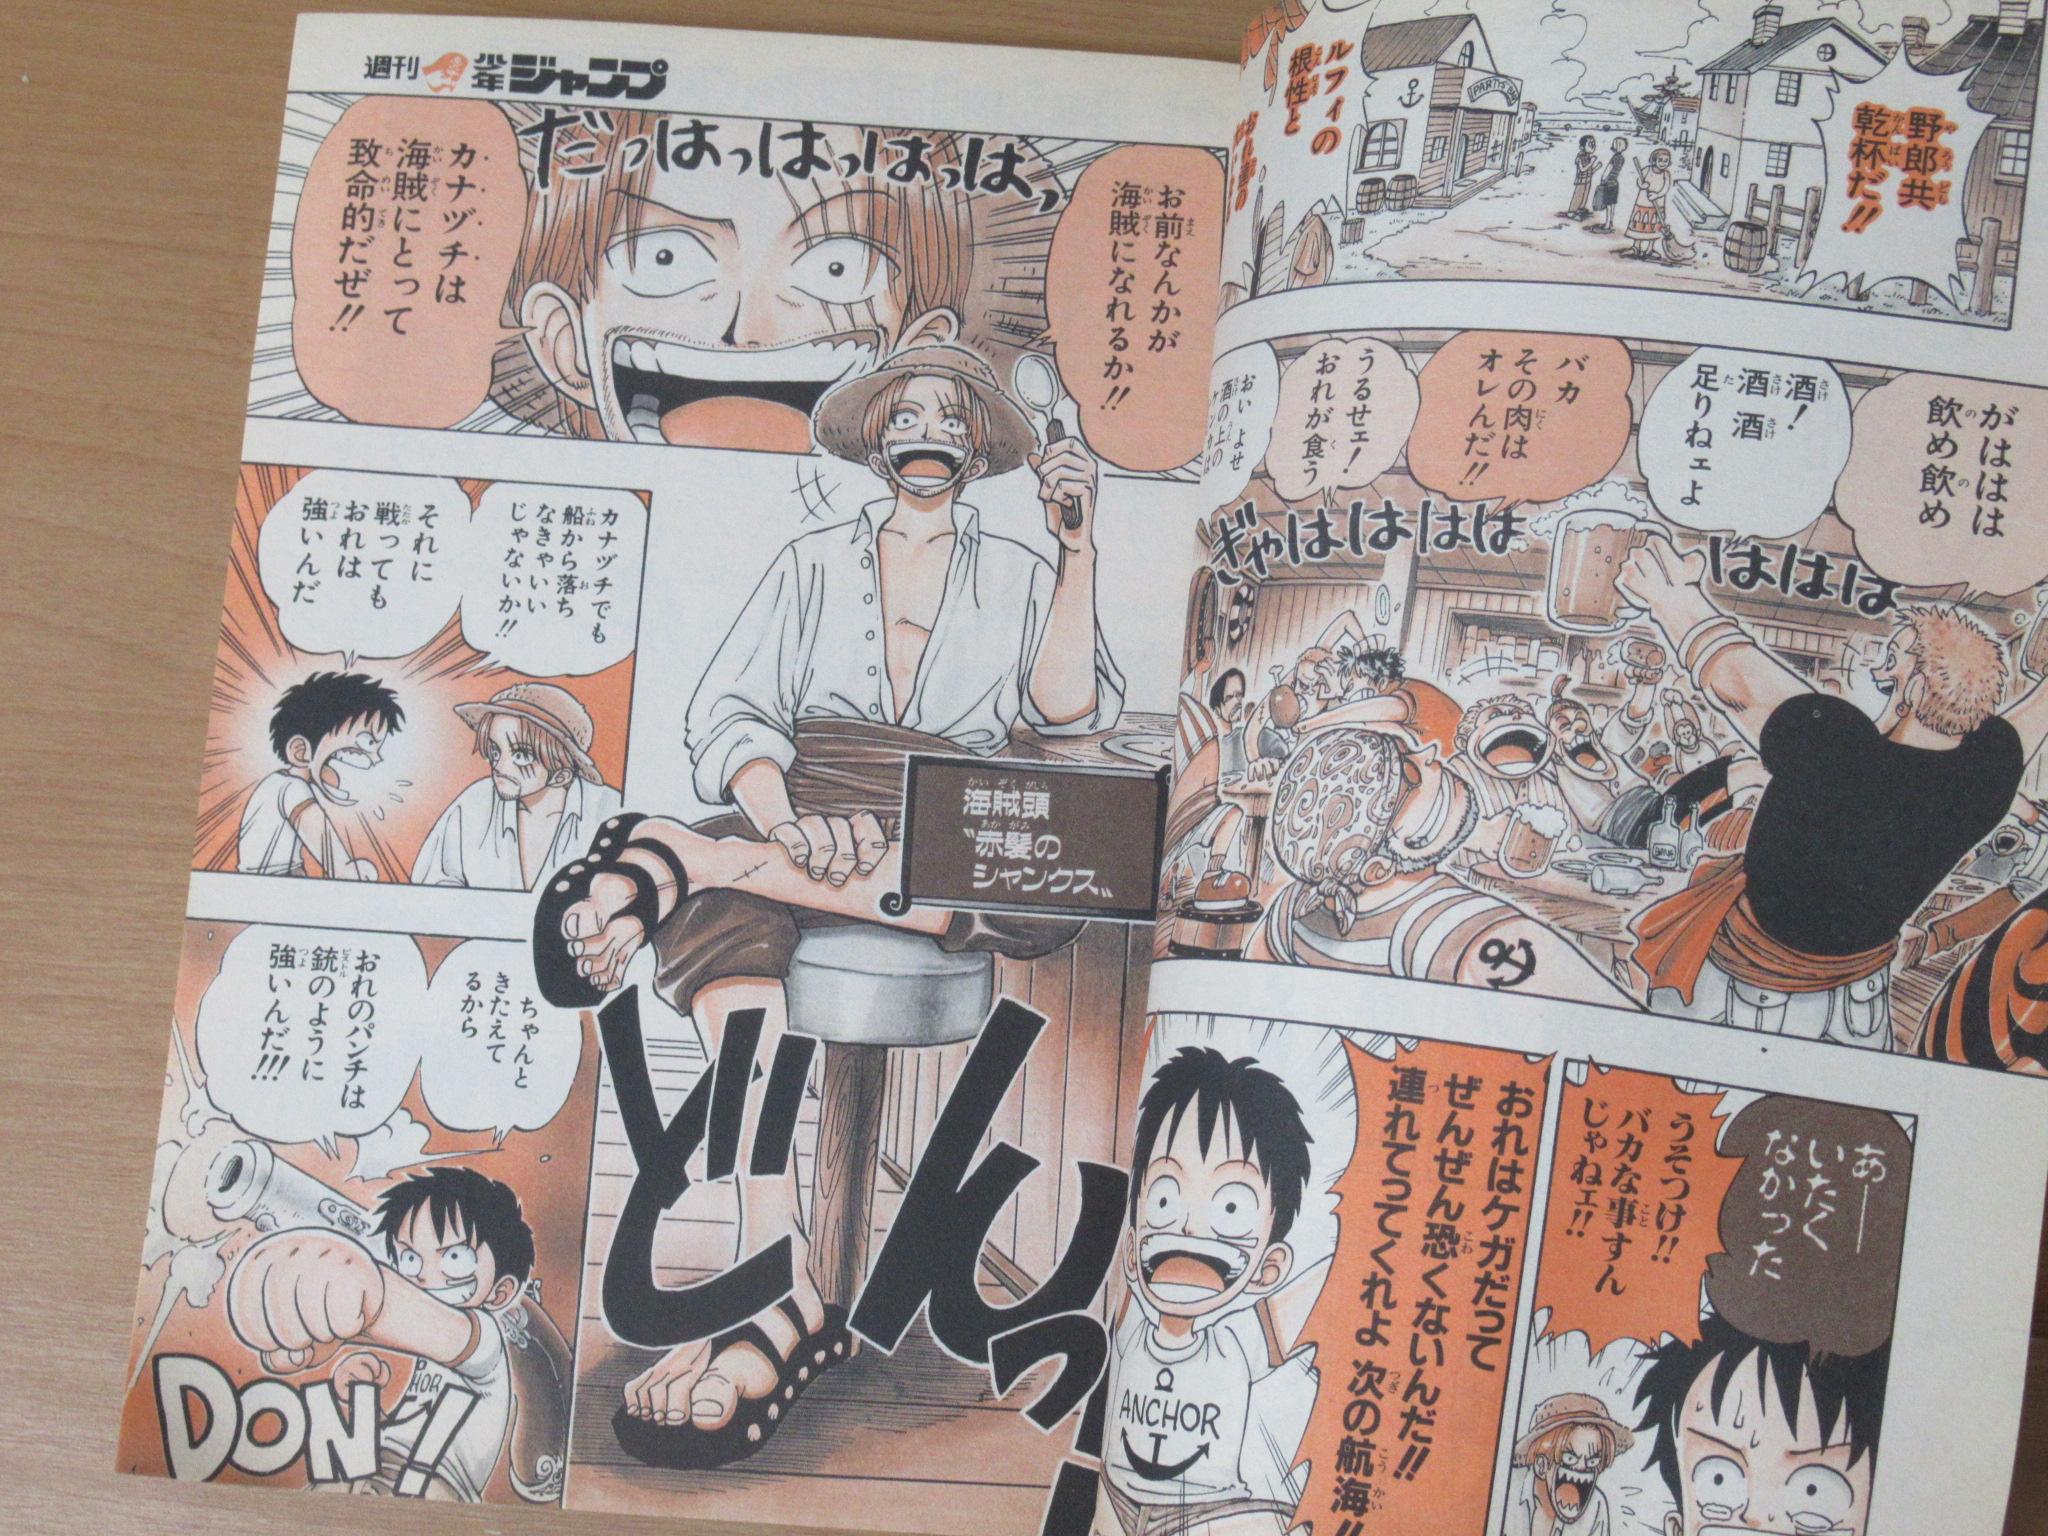 ワンピース新連載 買取 週刊少年ジャンプ1997年6月4日34号 ONE PIECE first episode Weekly Shonen Jump